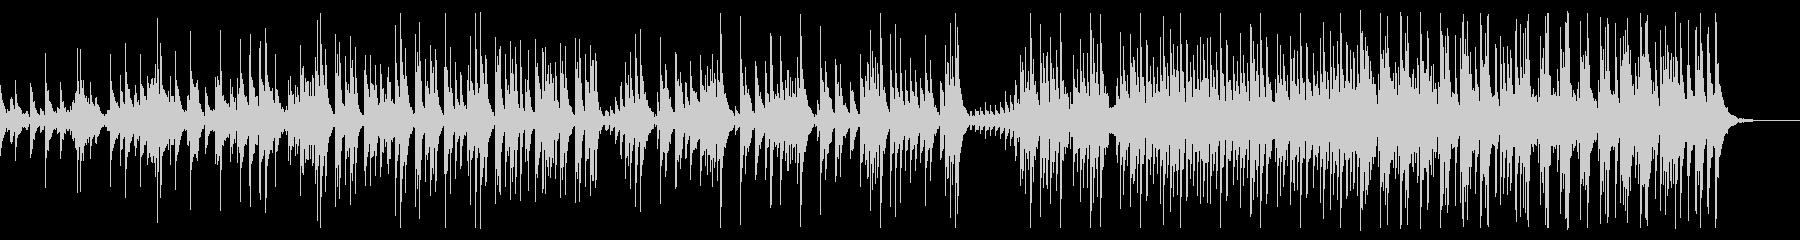 大太鼓と締太鼓のアンサンブルの未再生の波形